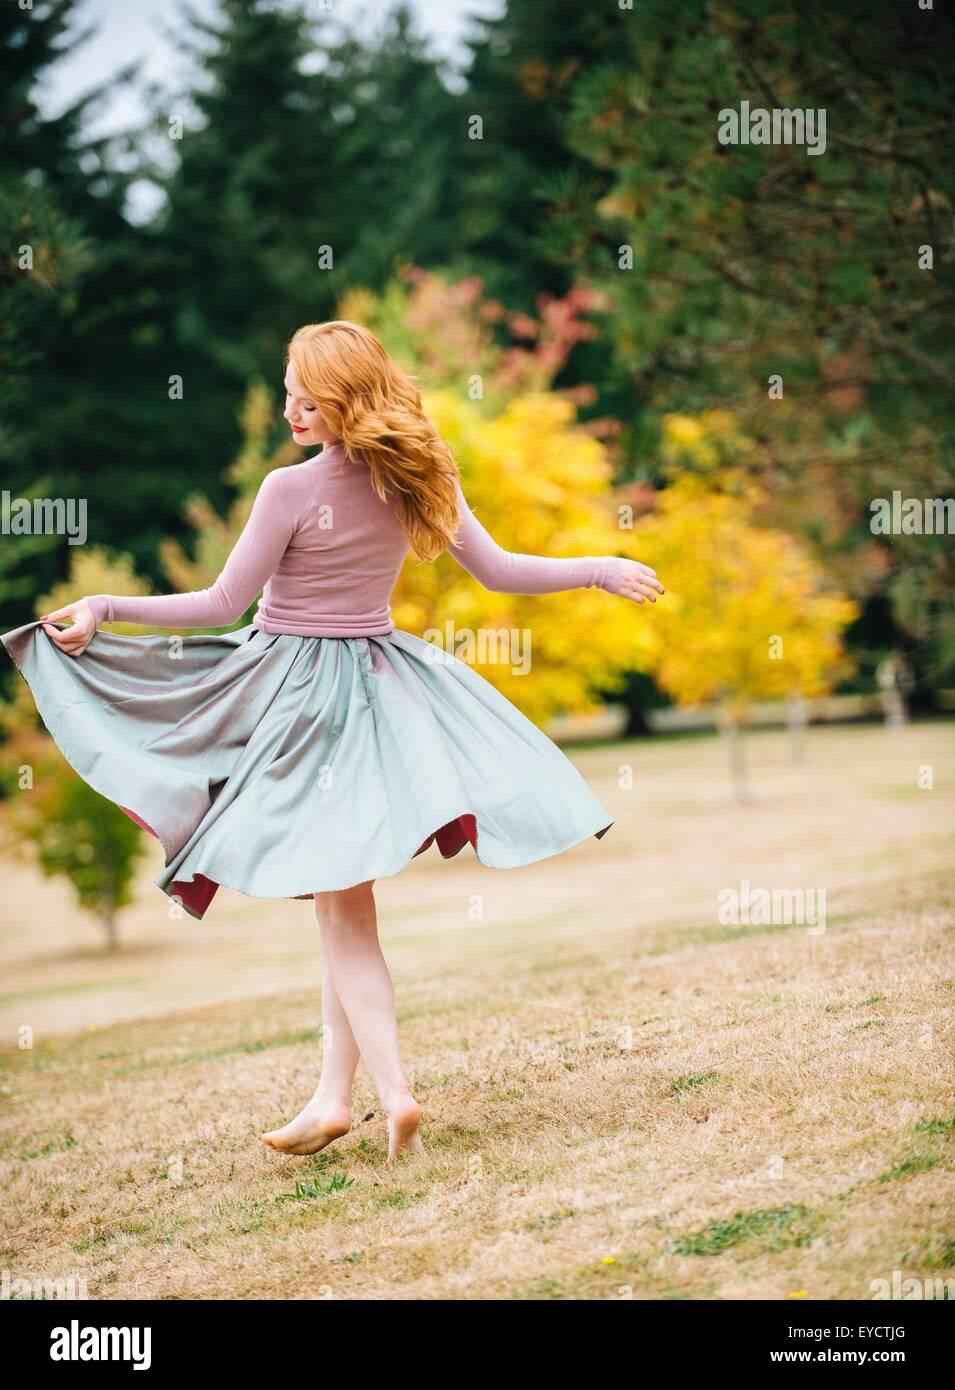 Jeune danseuse virevoltant et levage jupe dans park Photo Stock